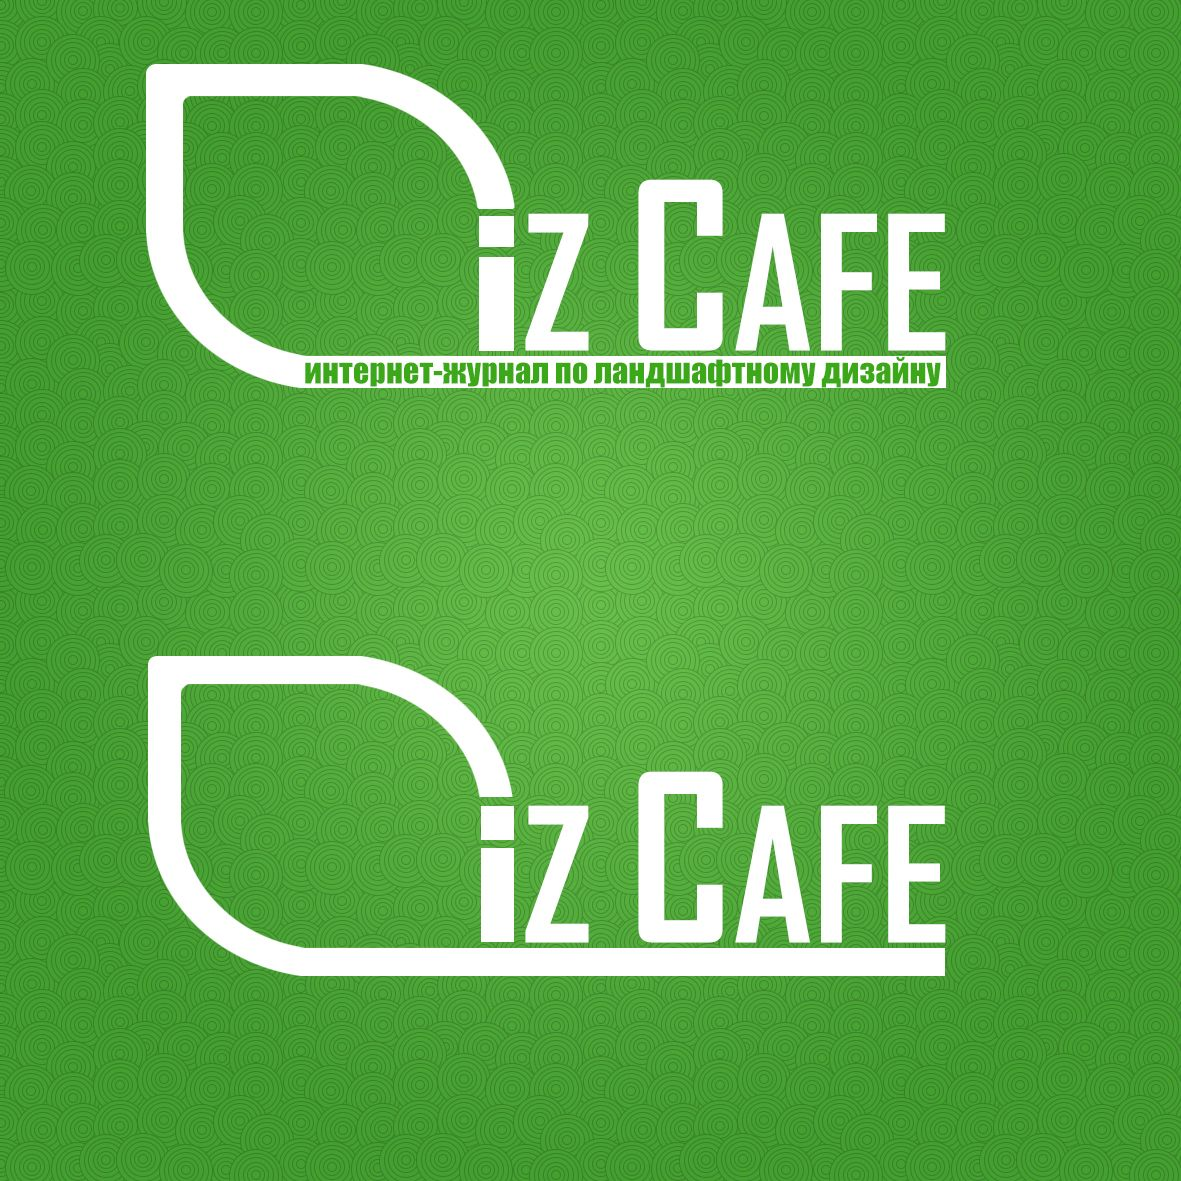 Лого для сайта по ландшафтному дизайну - дизайнер WARchun